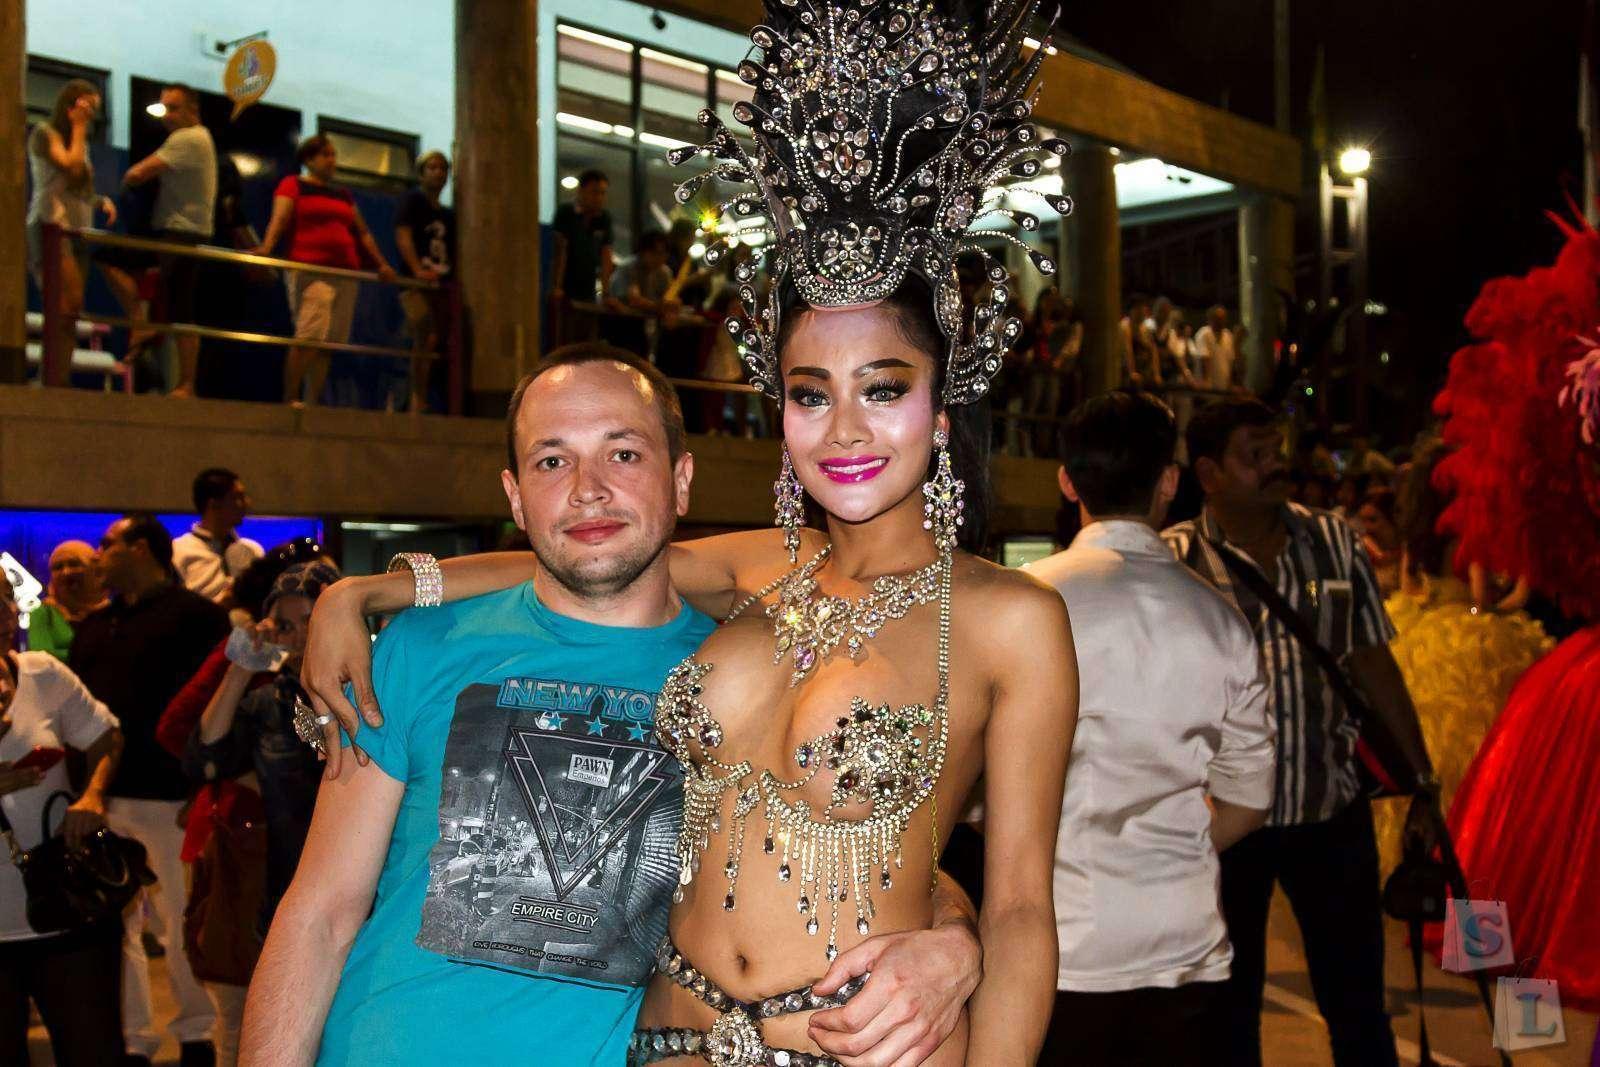 Тайские трансы фото - ТрансАзия | Сиам.ру